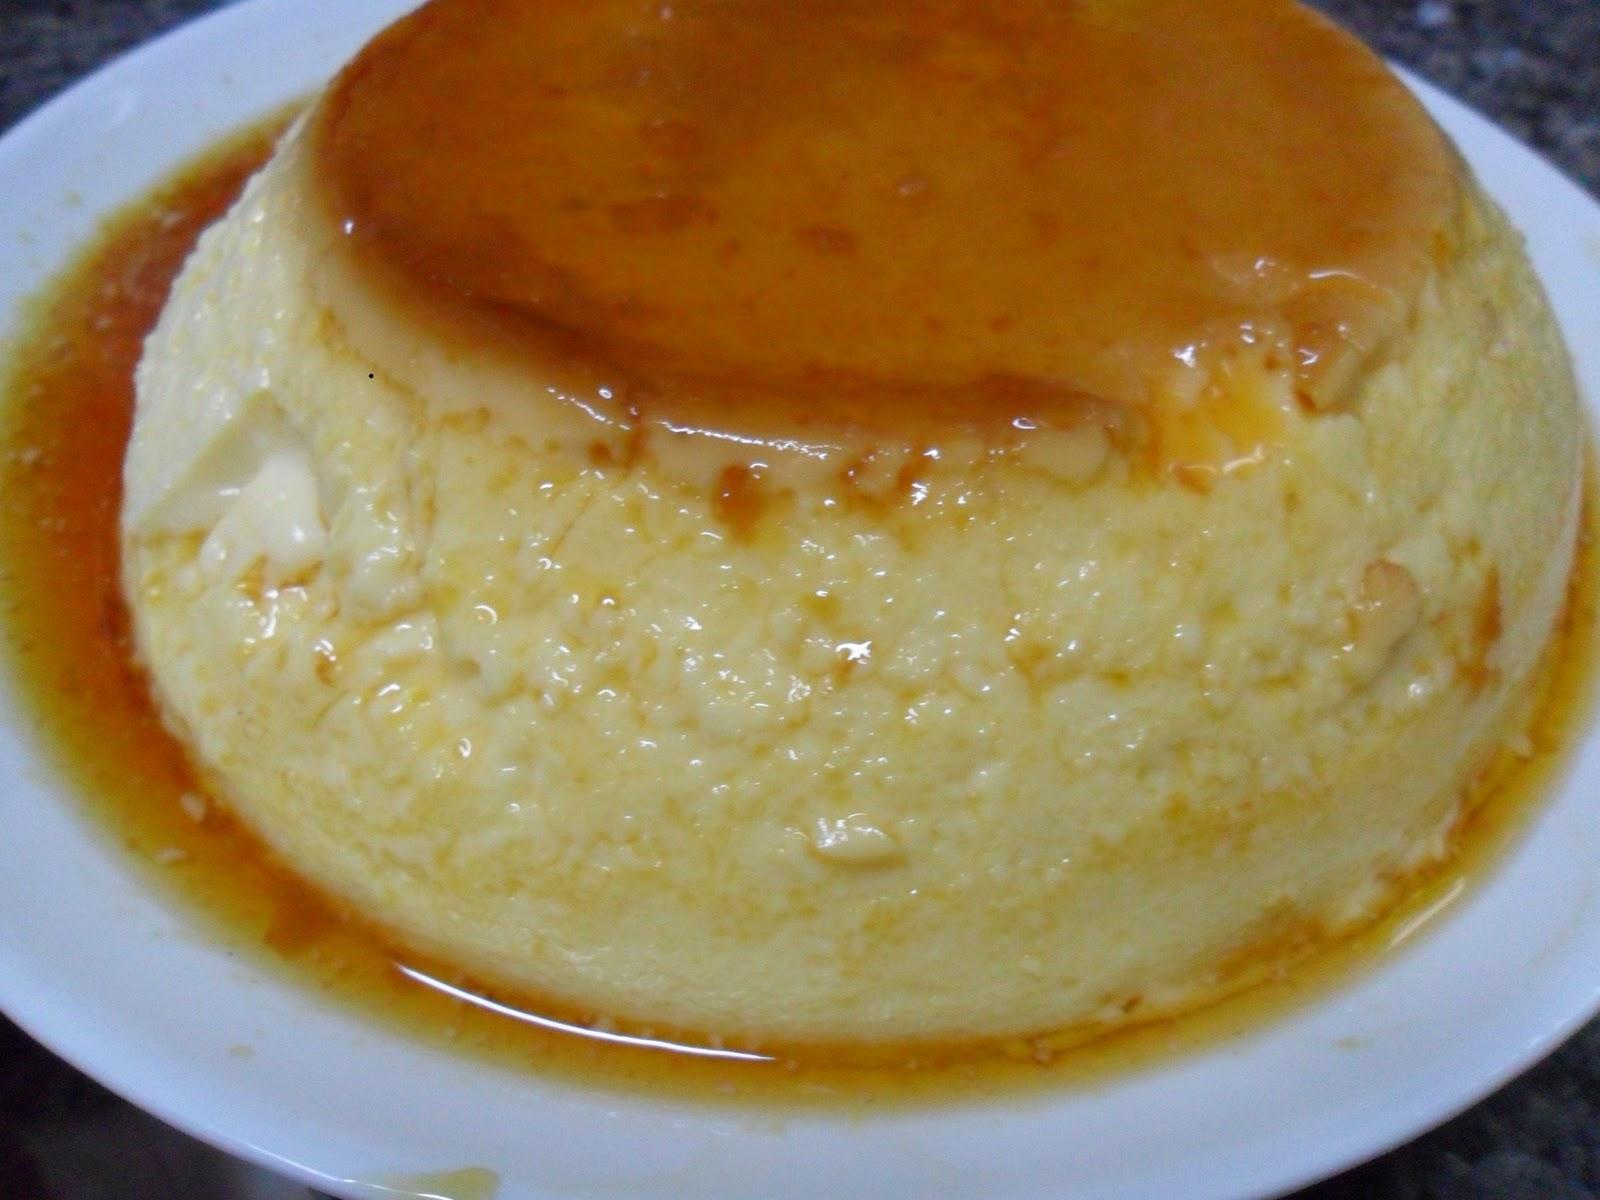 La cocina del goblin glot n flan de huevo horno y - Como se hace el flan de huevo al bano maria ...